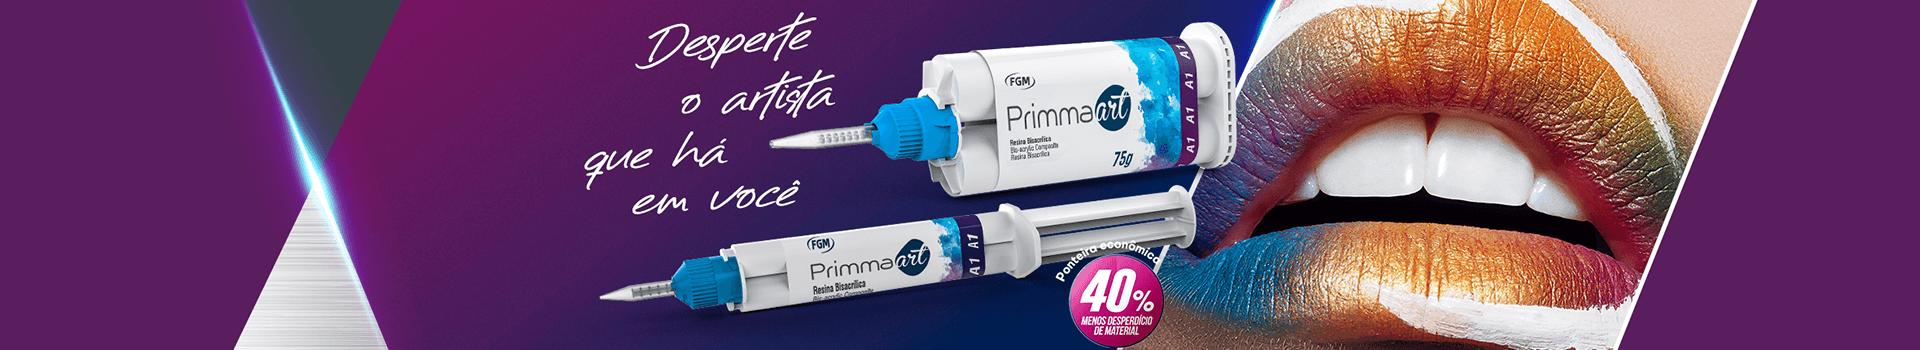 Resina Bisacrílica FMG Primma Art - Ponteira Economica